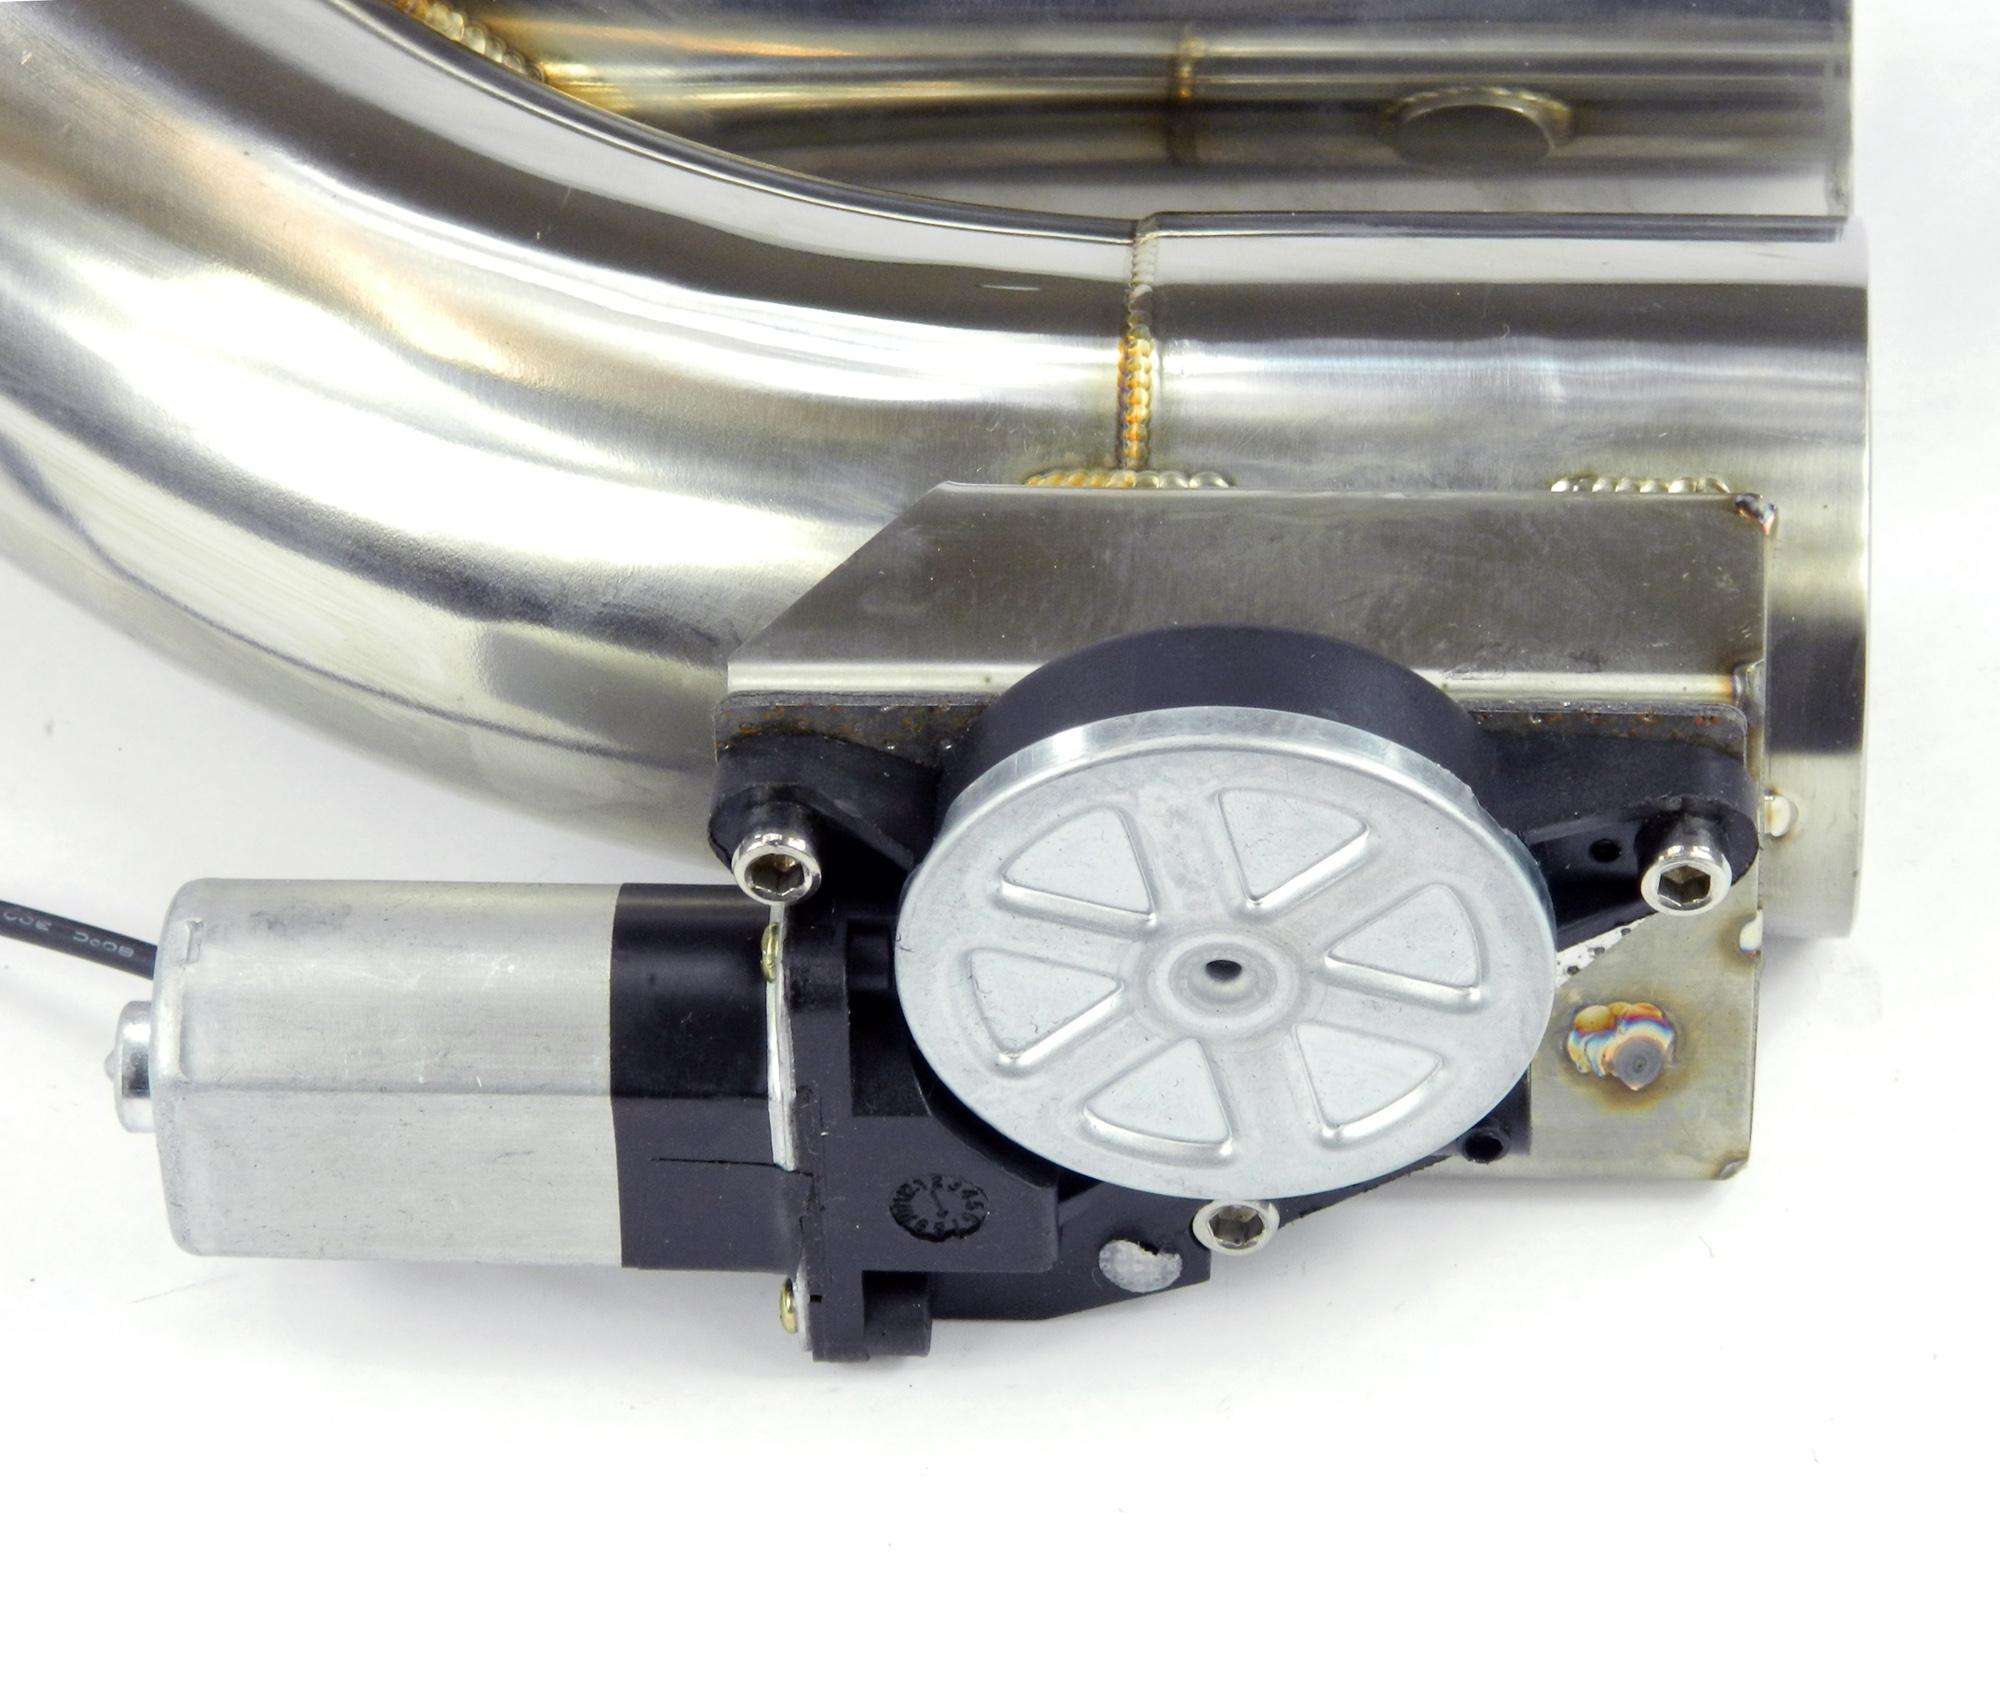 Klappenauspuff-System Y-Rohr extended Bypass, elektrisch inkl. Fernbedienung - 63mm Außendurchmesser